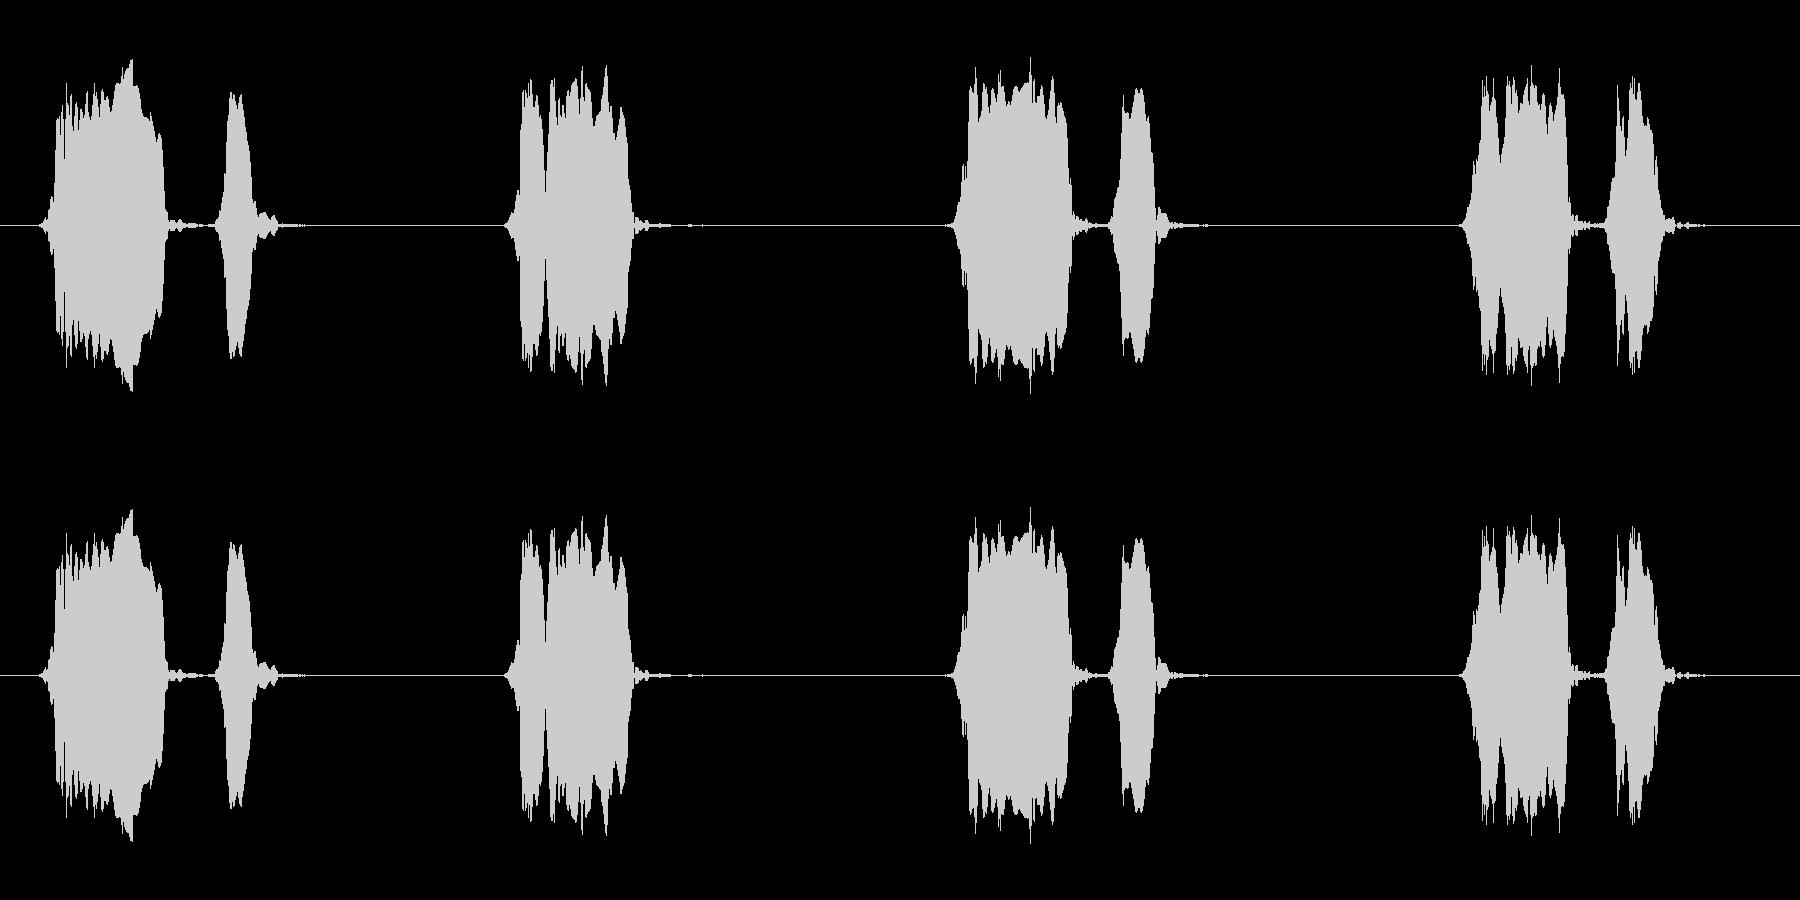 ウズラの鳴き声02-01の未再生の波形